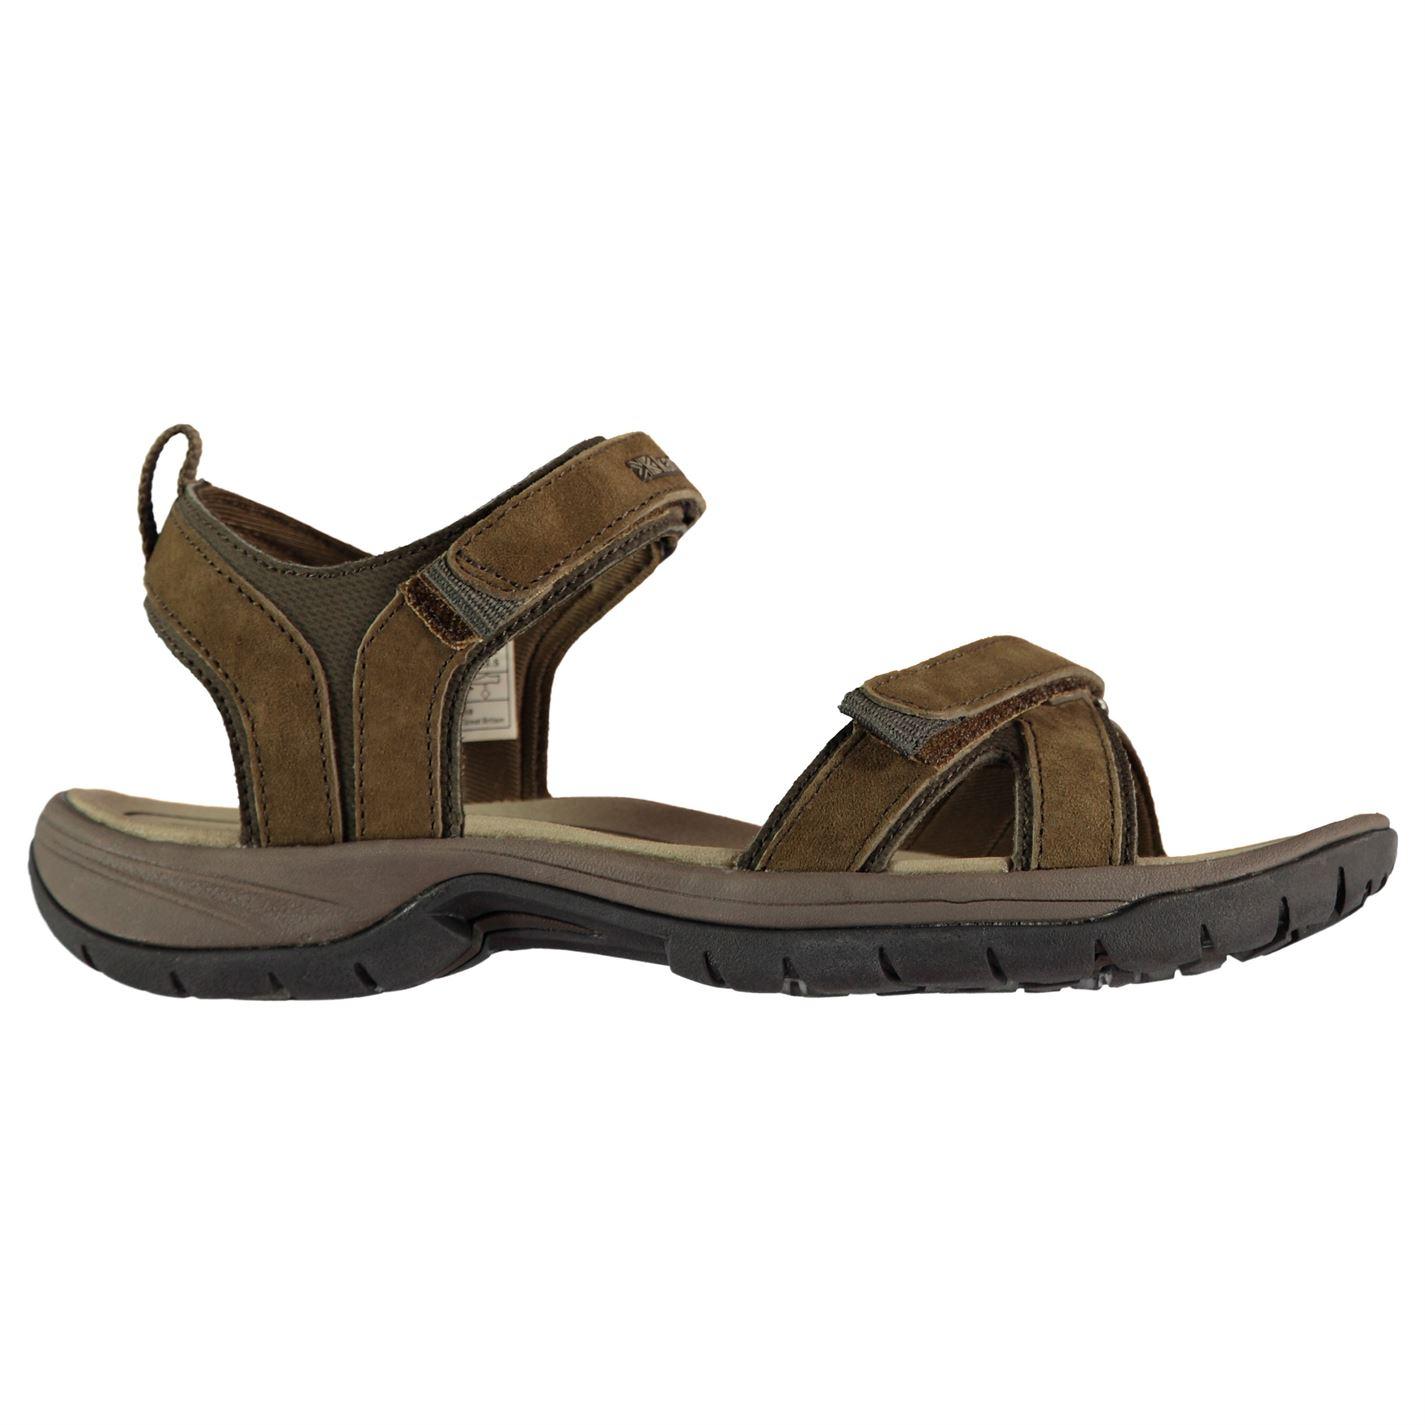 Karrimor Kauai dámske sandále